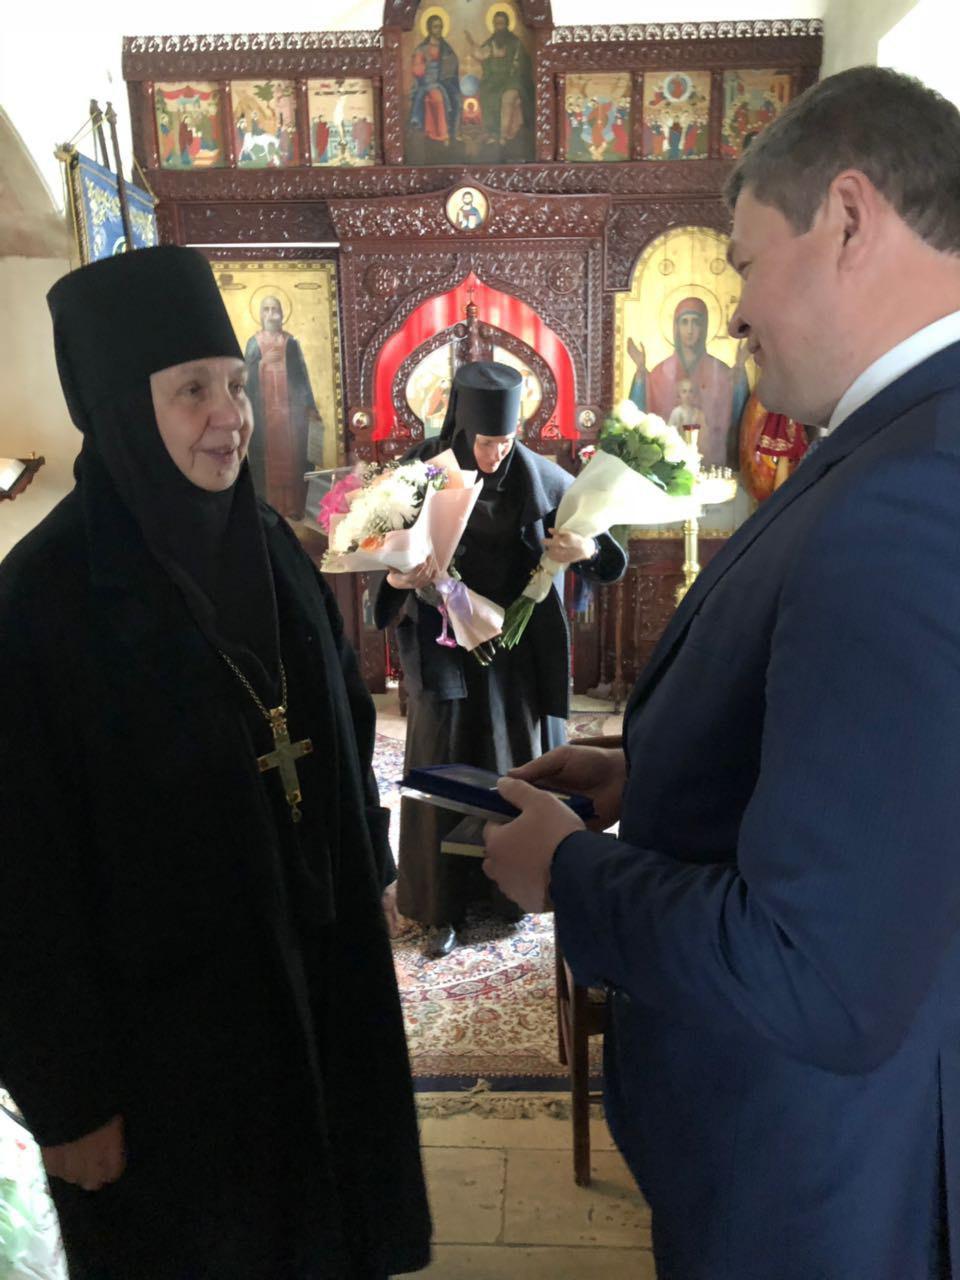 Денис Лебедев поздравил с днём рождения настоятельницу Свято-Троицкого Ново-Голутвина монастыря игуменью Ксению (Зайцеву)